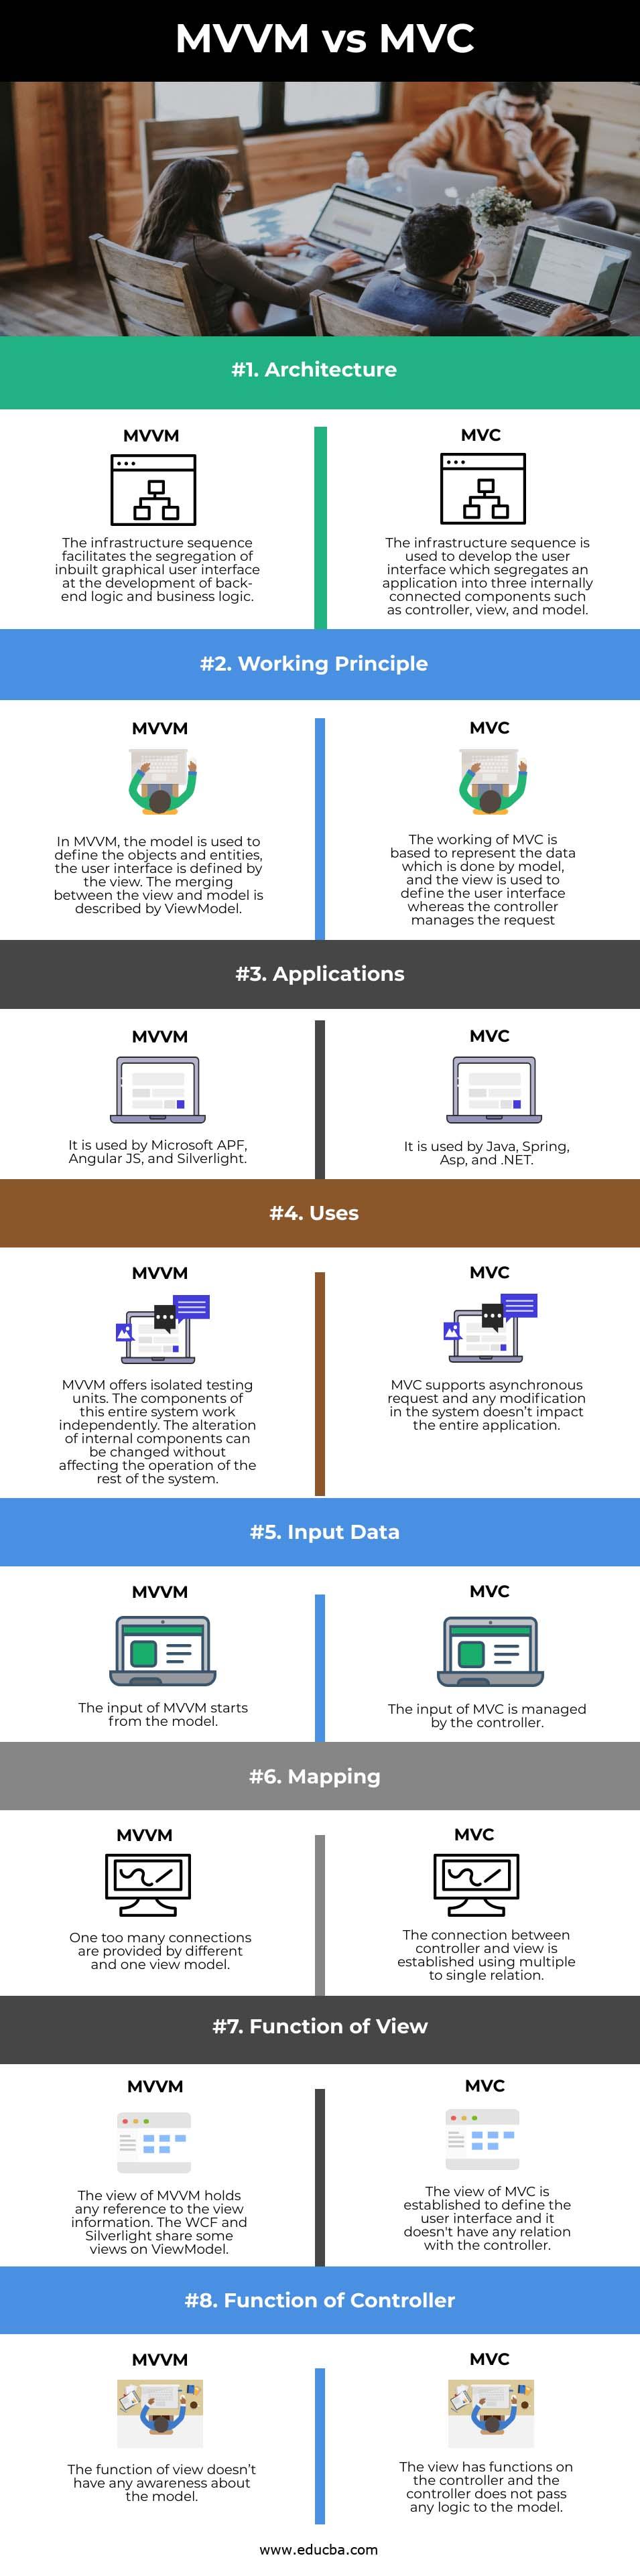 MVVM vs MVC info